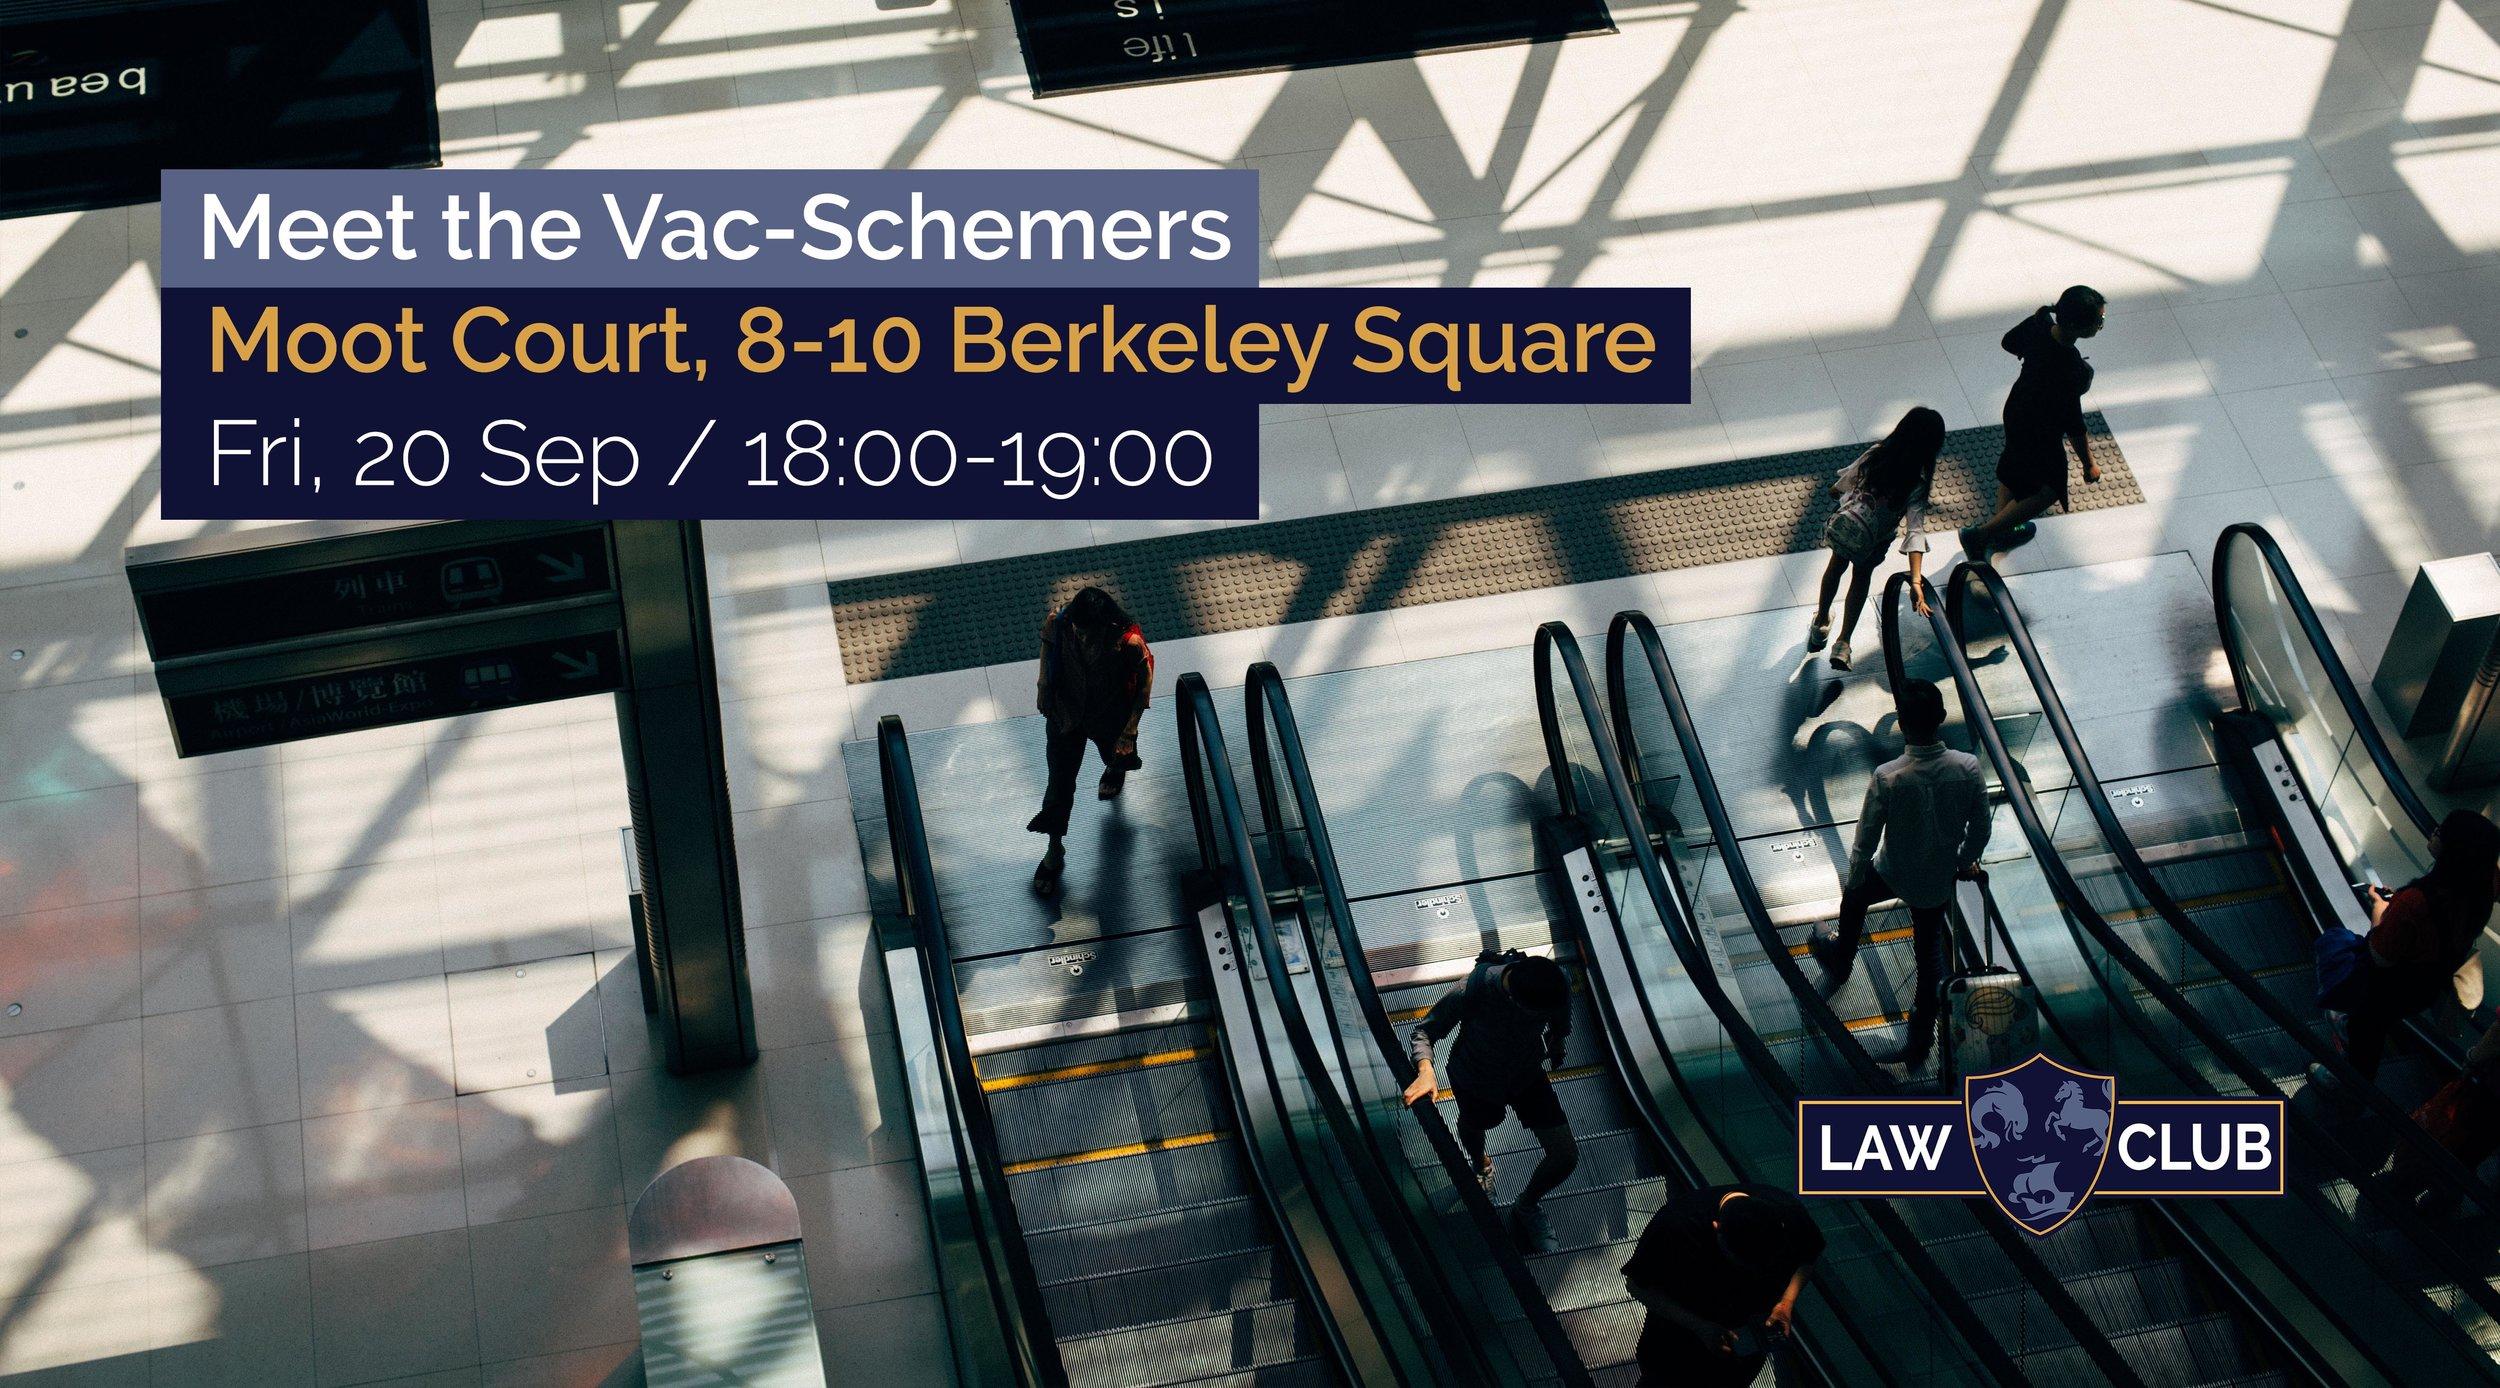 meet the vac schemers small.jpg